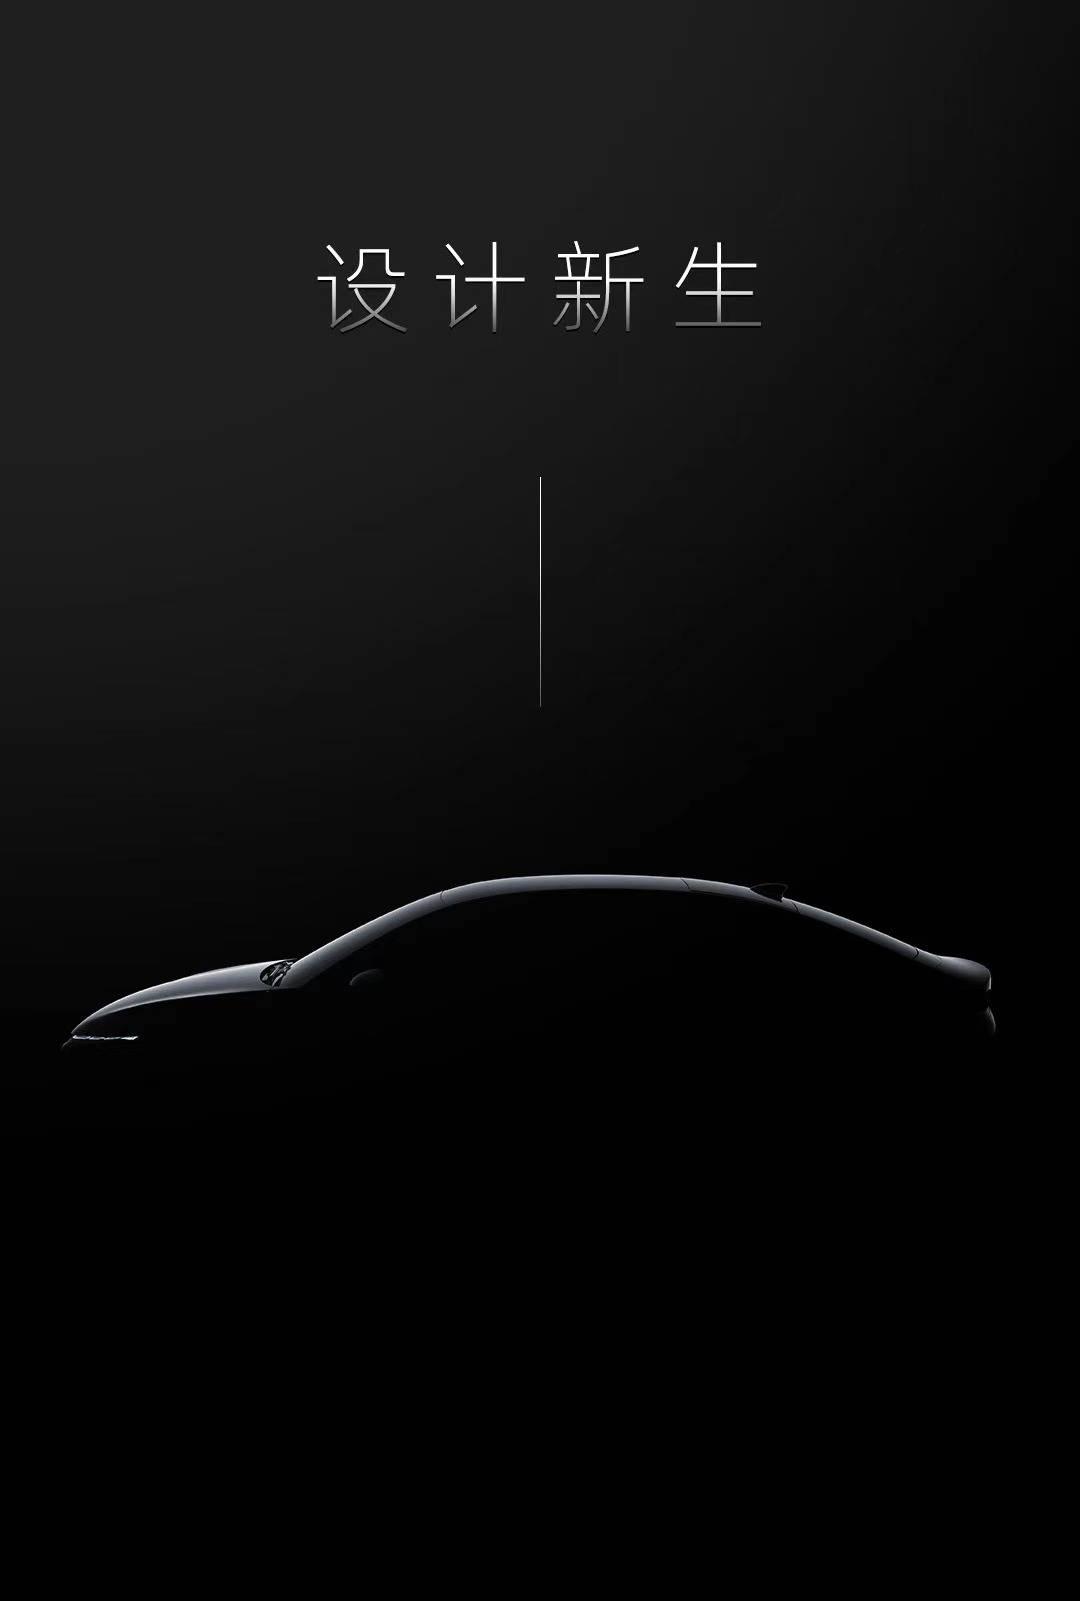 原厂的第三款车型即将面世,何表示将于今年推出并交付